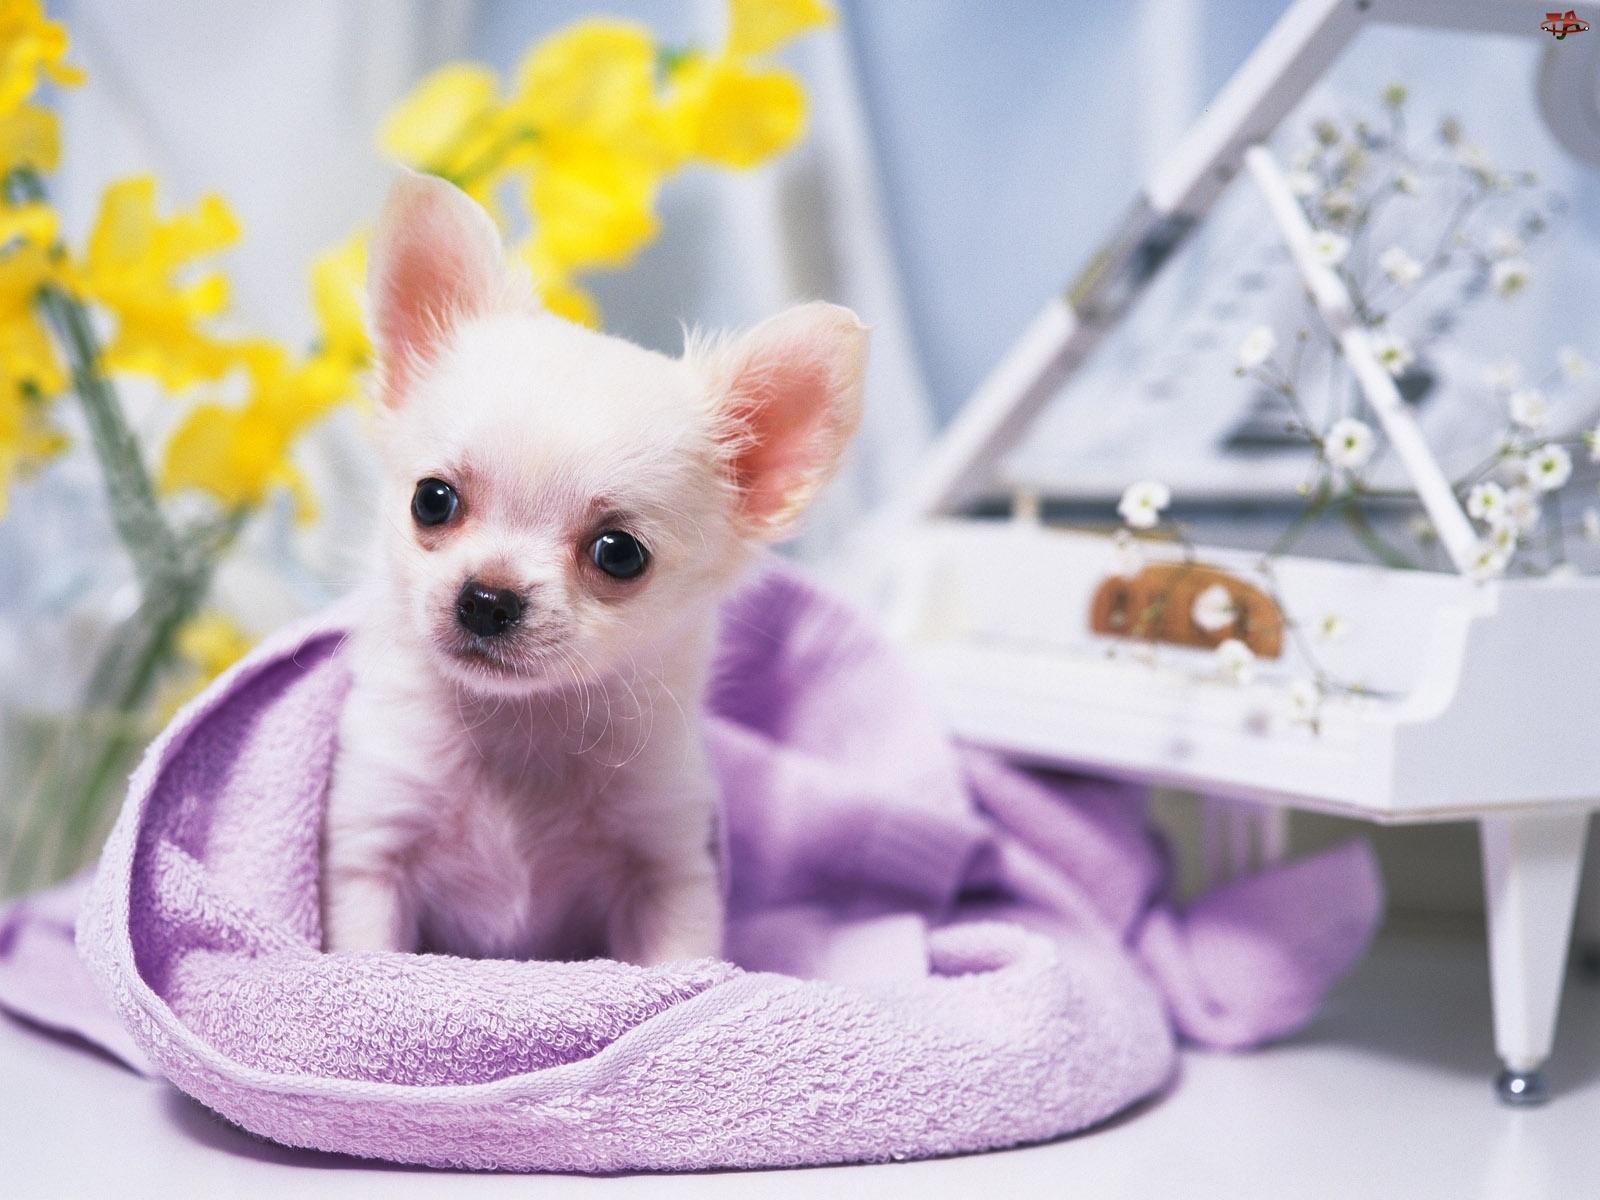 słodziak, Chihuahua, malutki, piesek